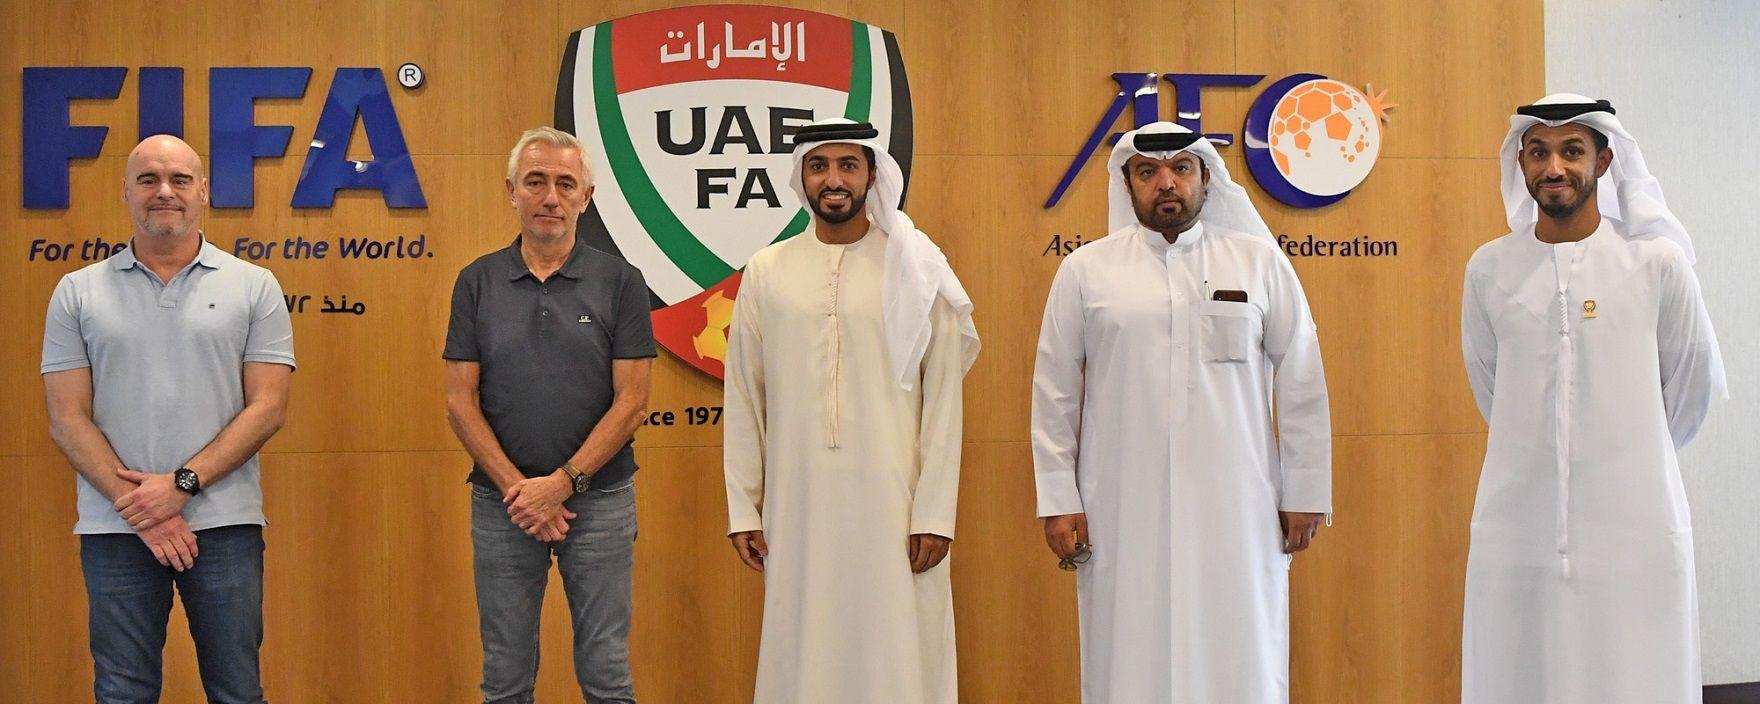 Bert van Marwijk (kedua dari kiri) kembali ditunjuk sebagai pelatih timnas UEA.